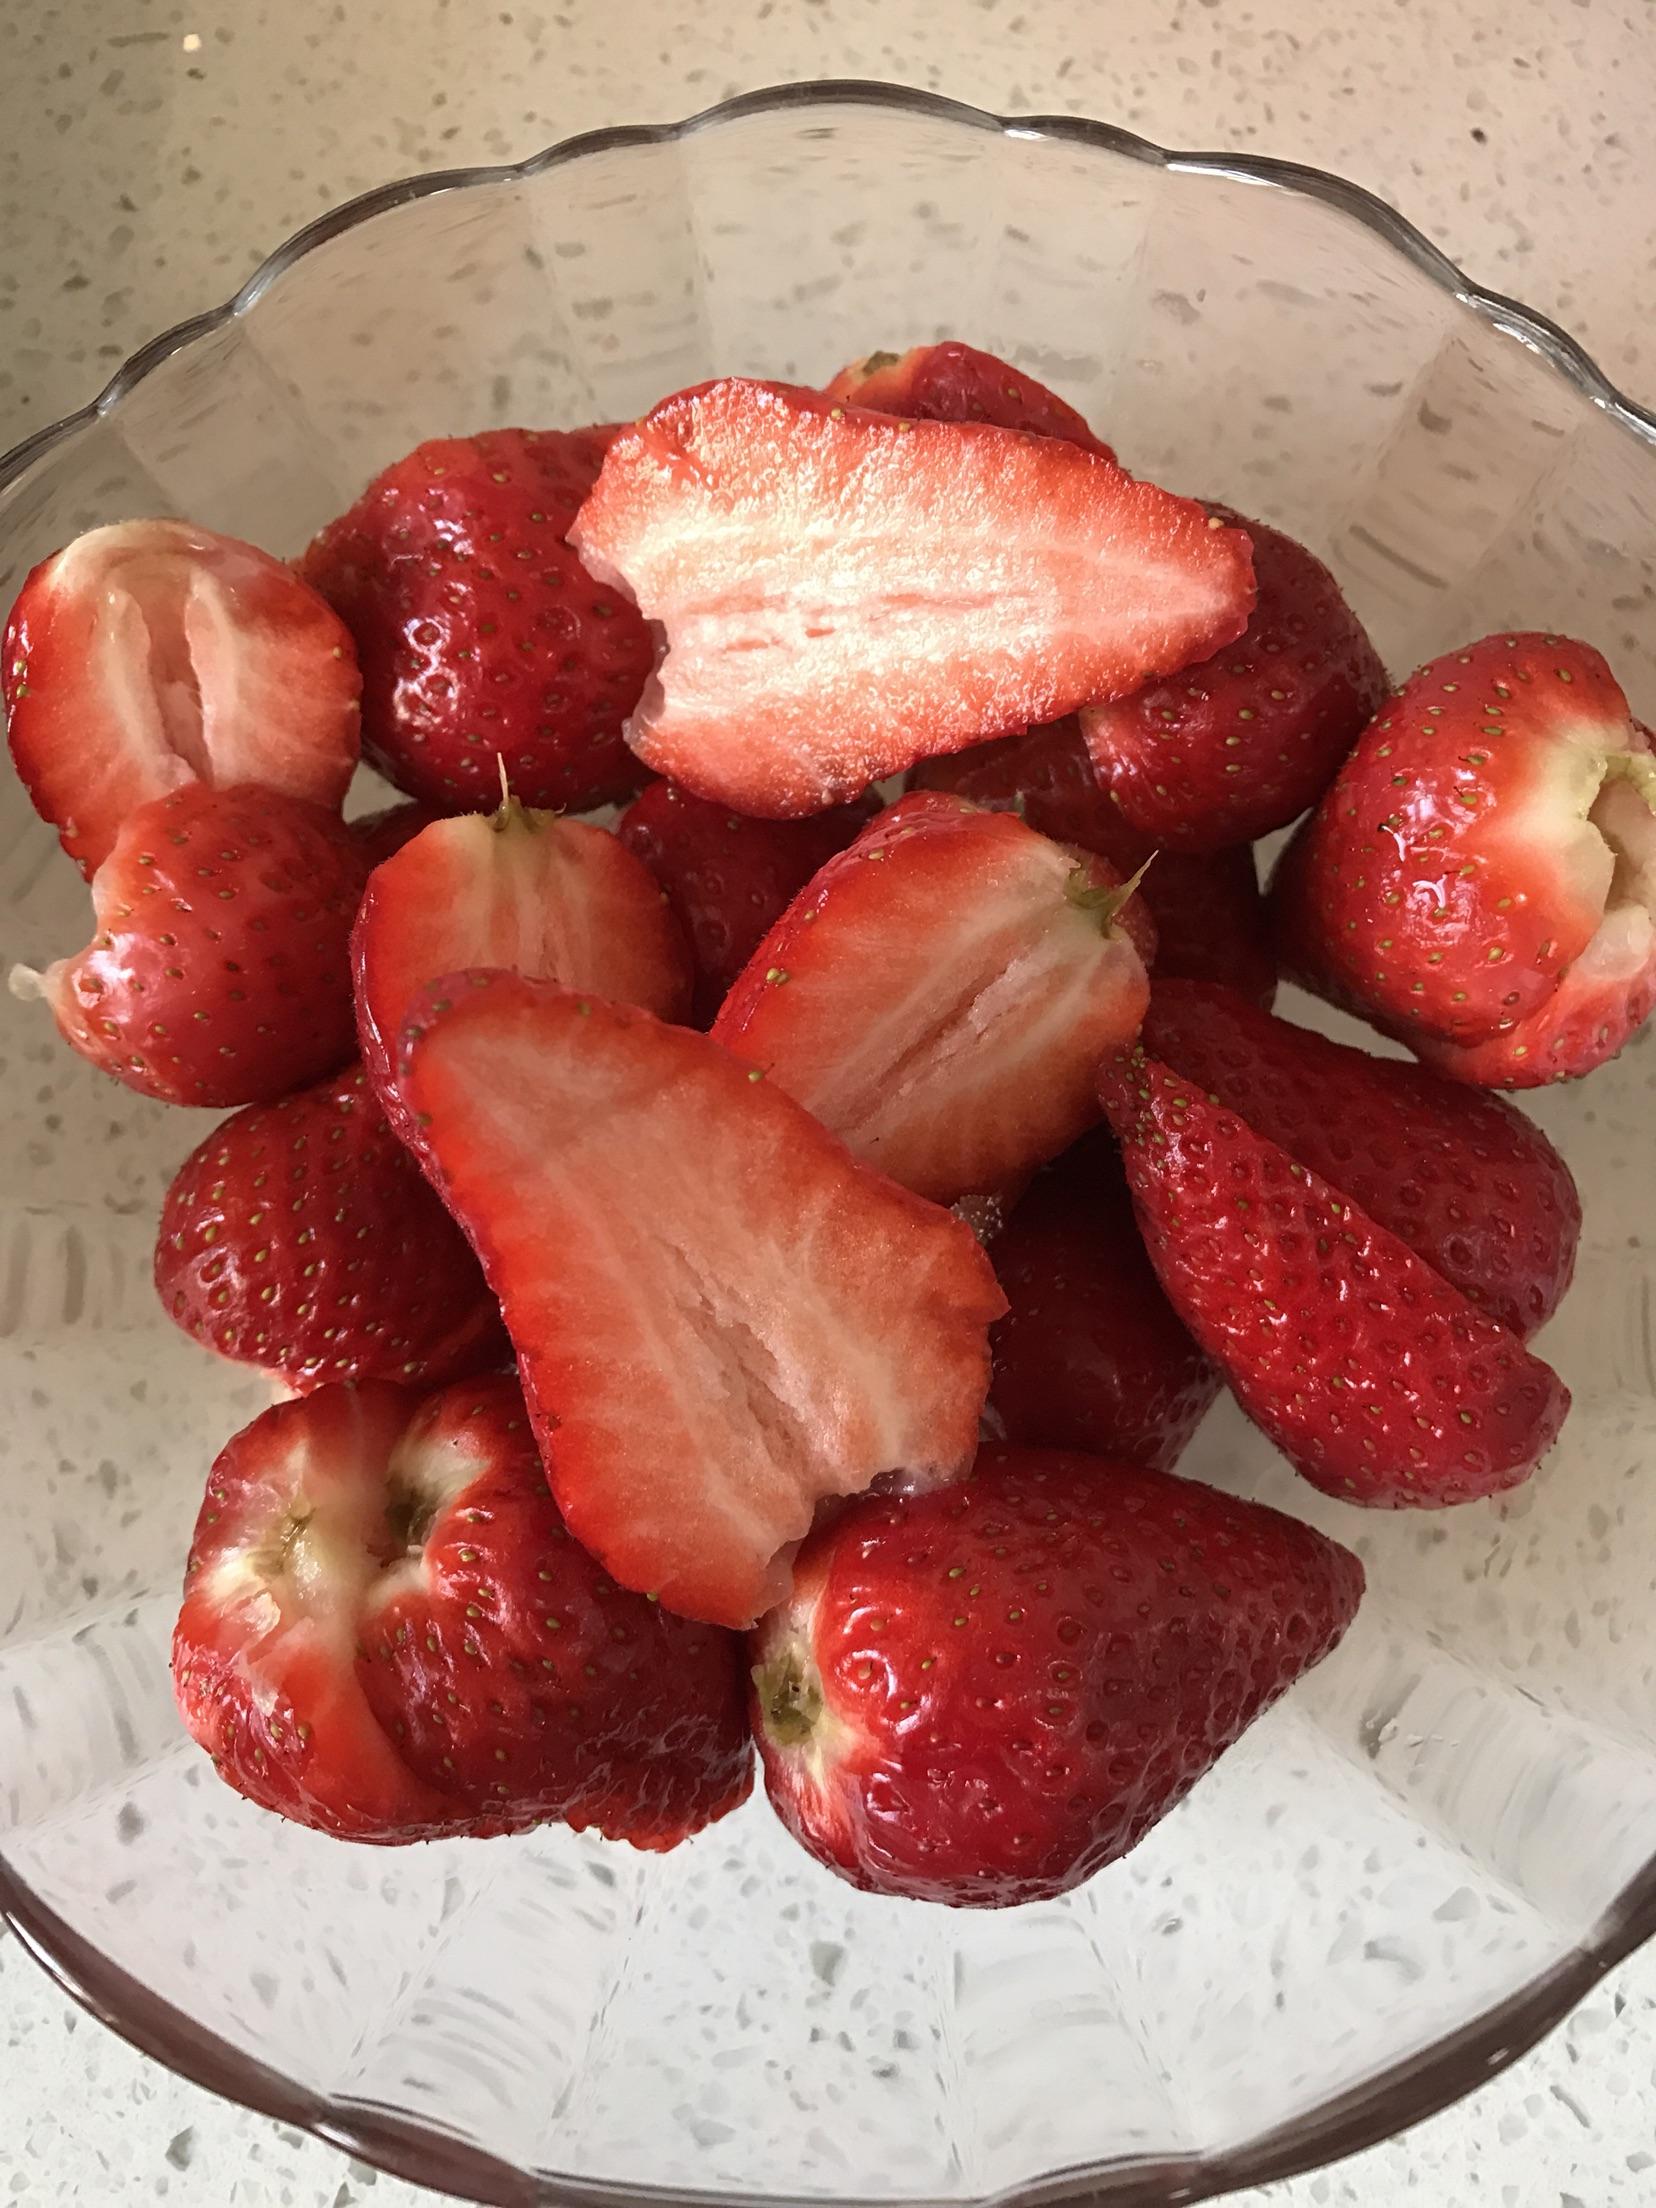 冰糖草莓的做法 菜谱 豆果美食